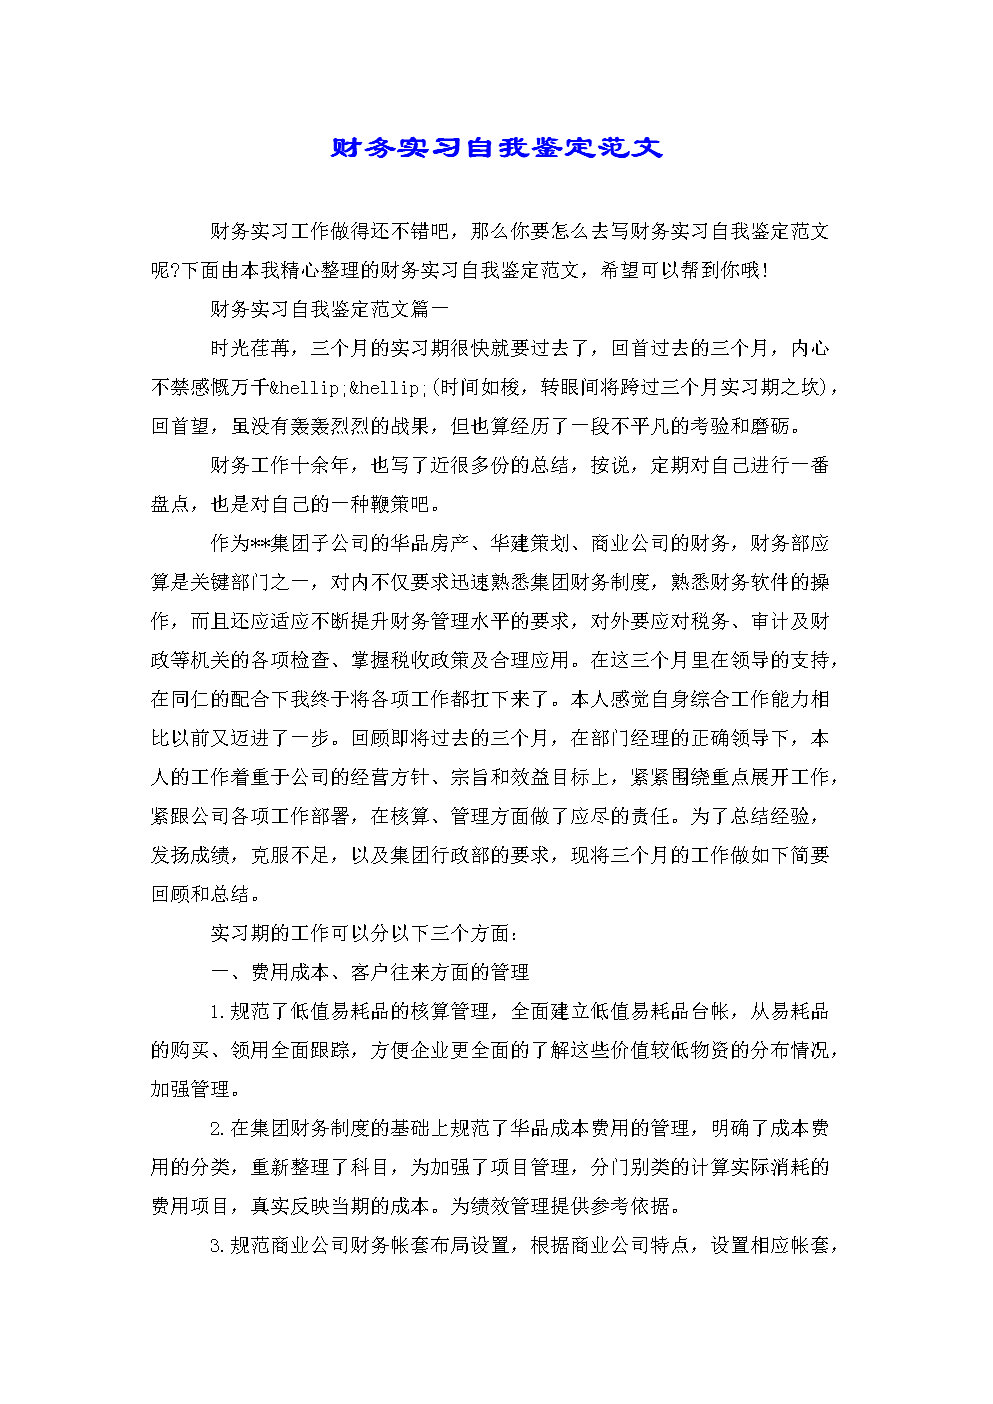 财务实习自我鉴定范文.doc